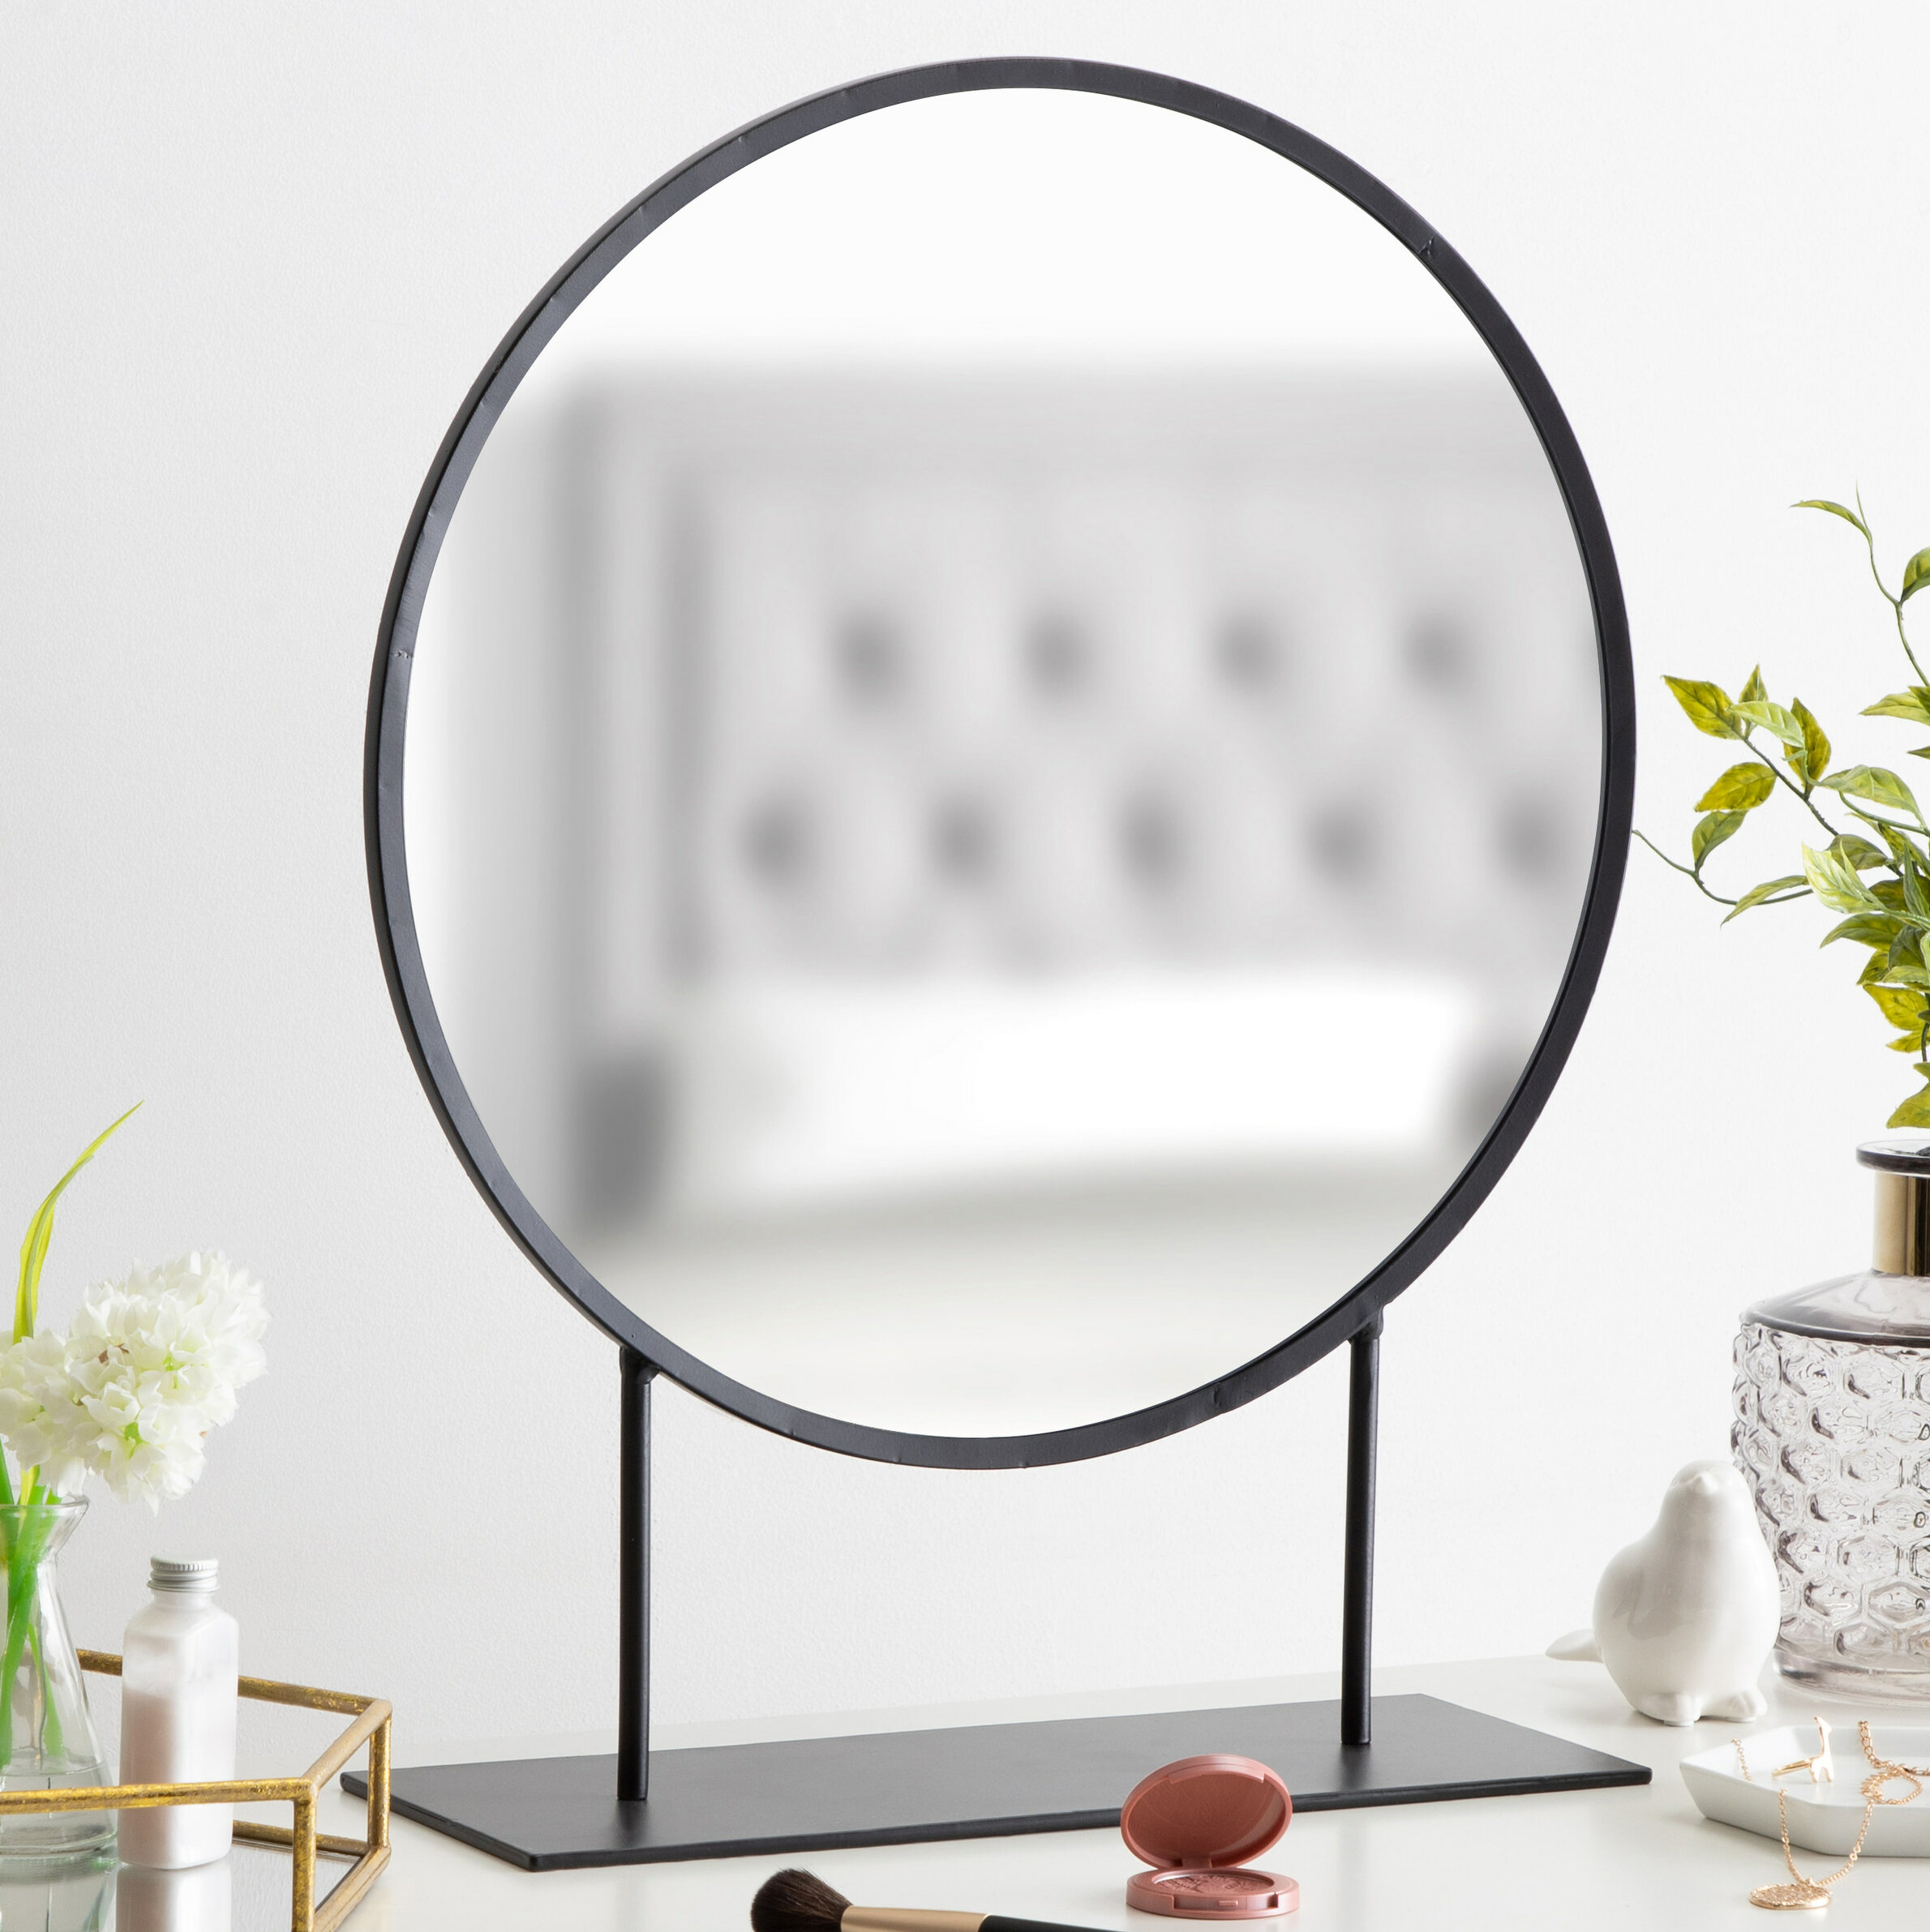 Loftin Modern Glam Round Beveled Accent Mirror Intended For Glam Beveled Accent Mirrors (View 10 of 30)